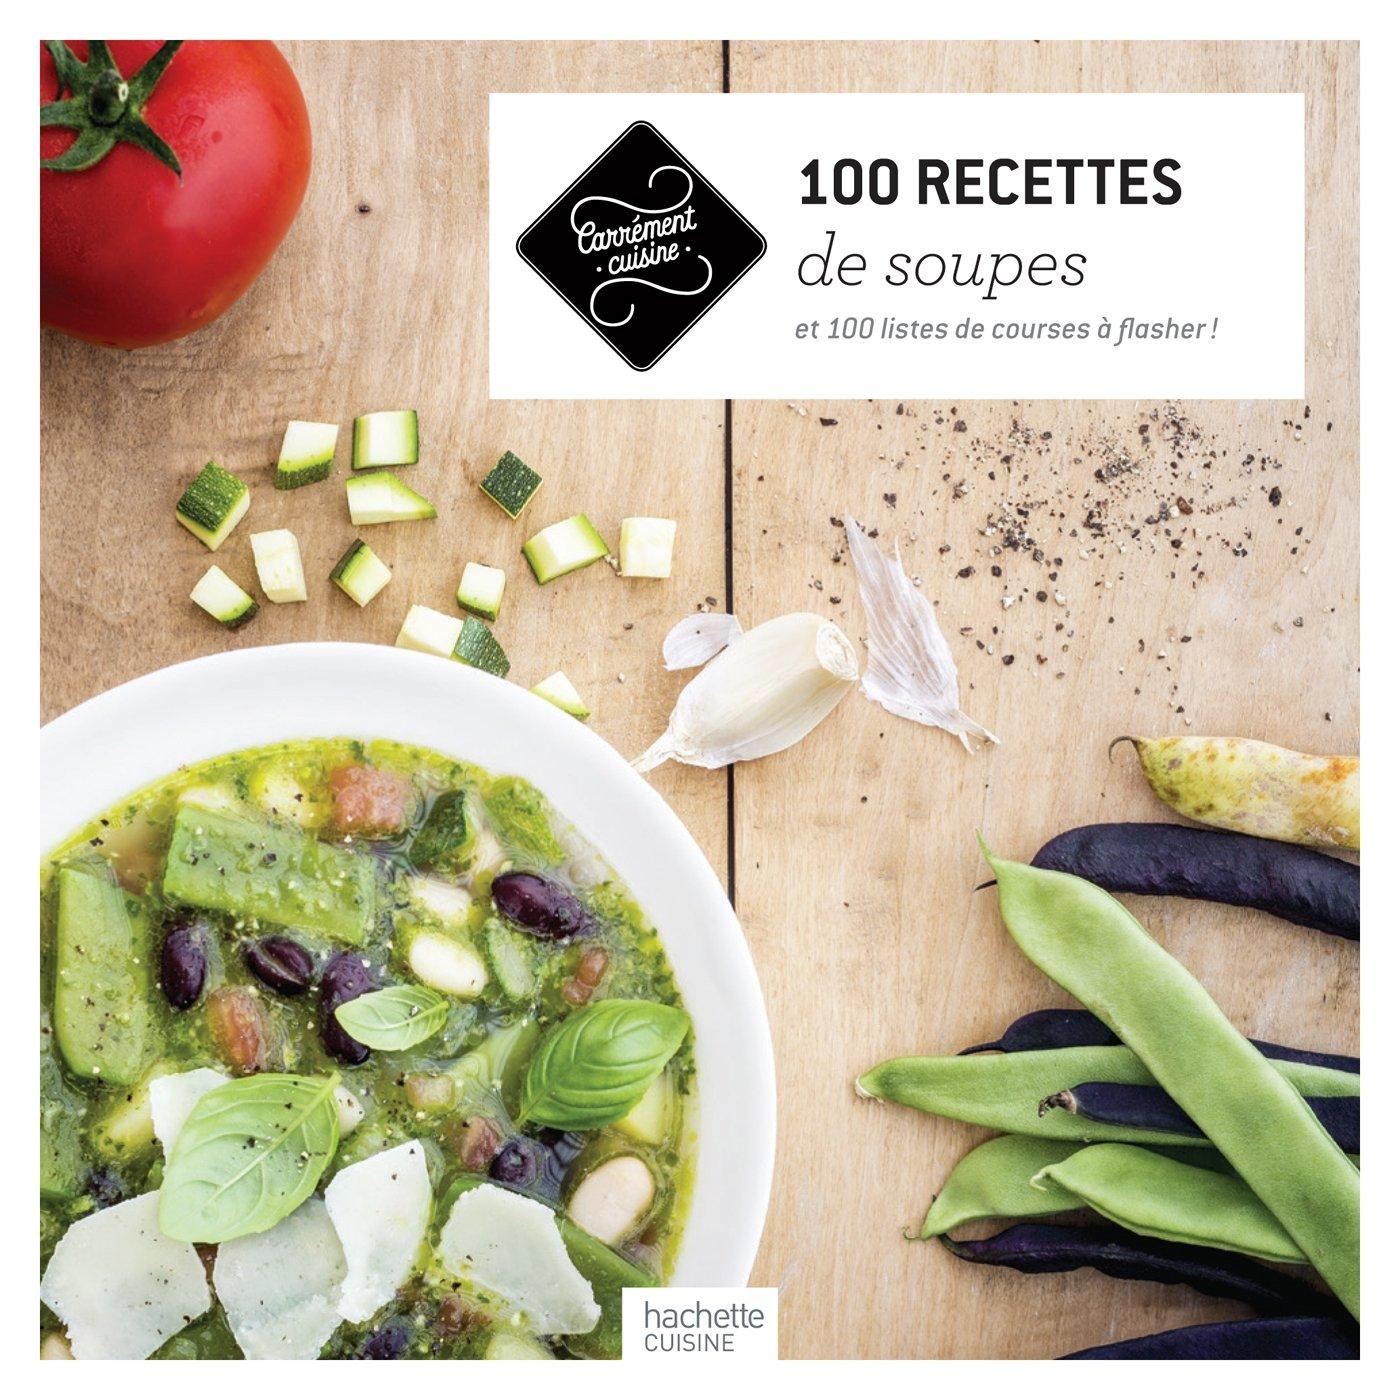 100 recettes de Soupes Broché – 2 janvier 2015 Collectif Hachette Pratique 2013963750 Cuisine